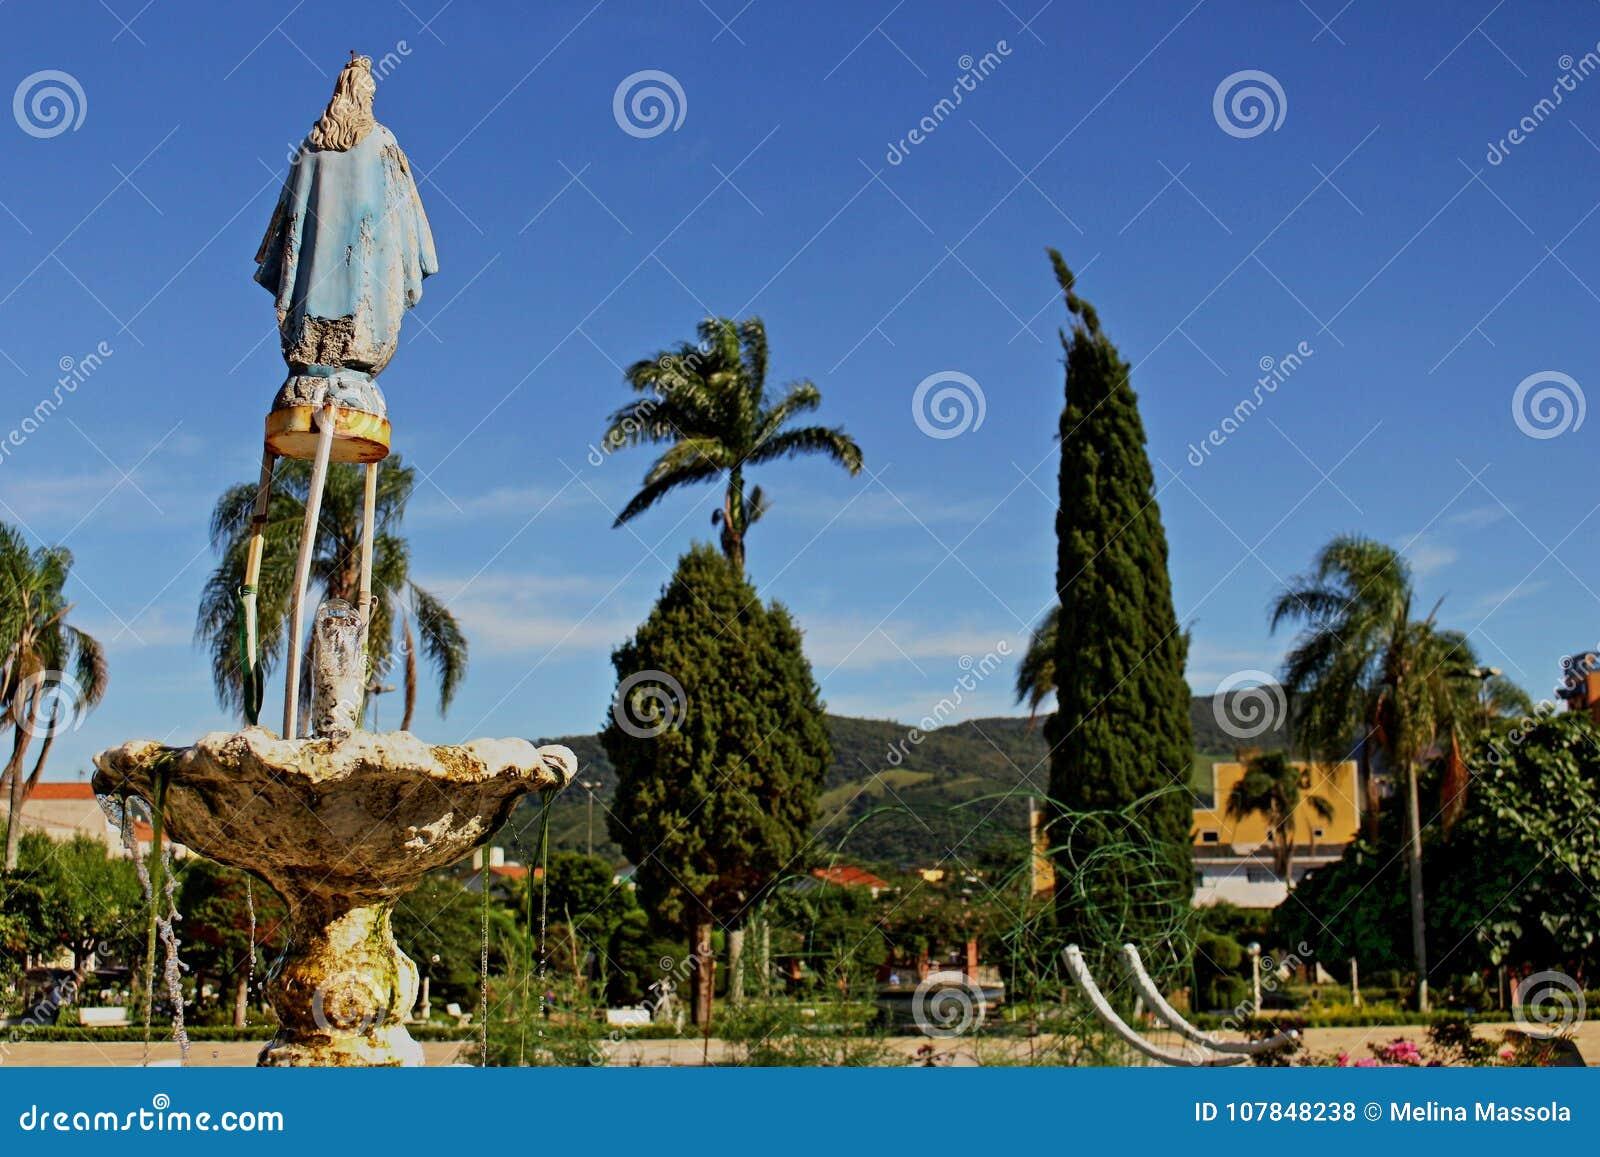 Obciosuje przy małym miastem w Brazylia, Monte MG